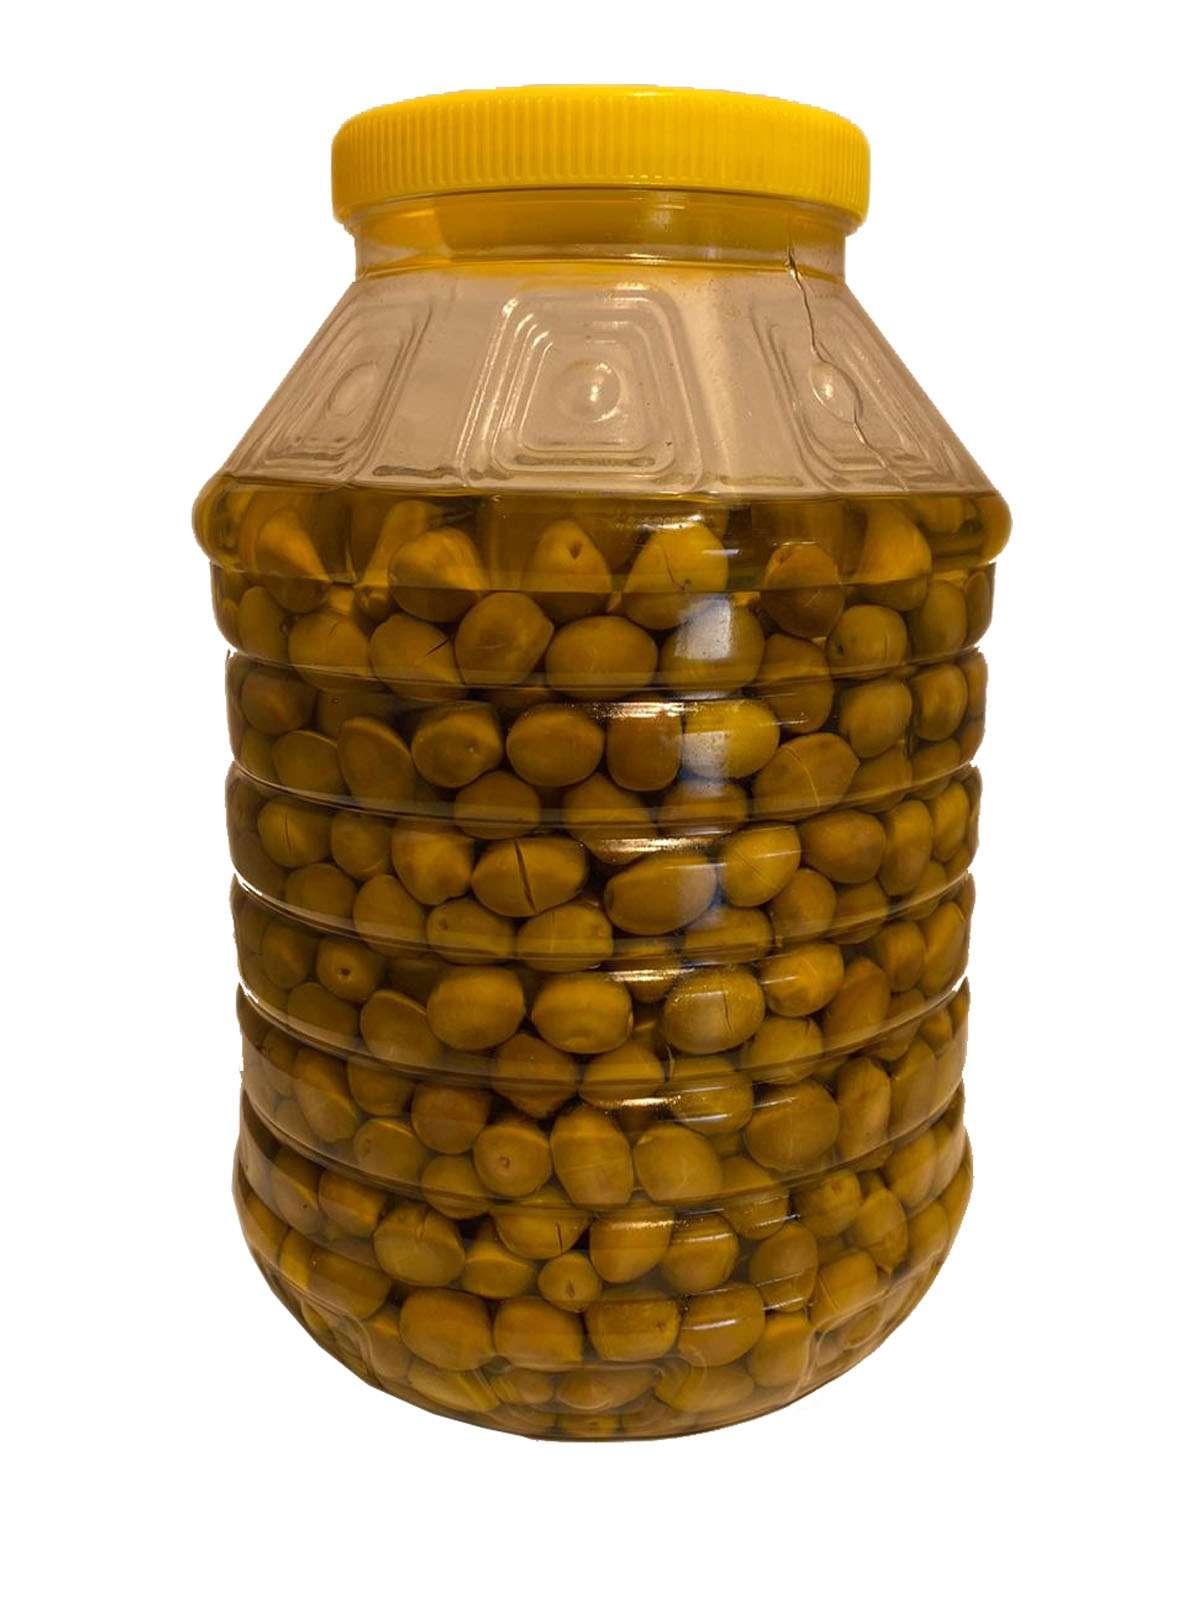 kirma-zeytin-2-kg